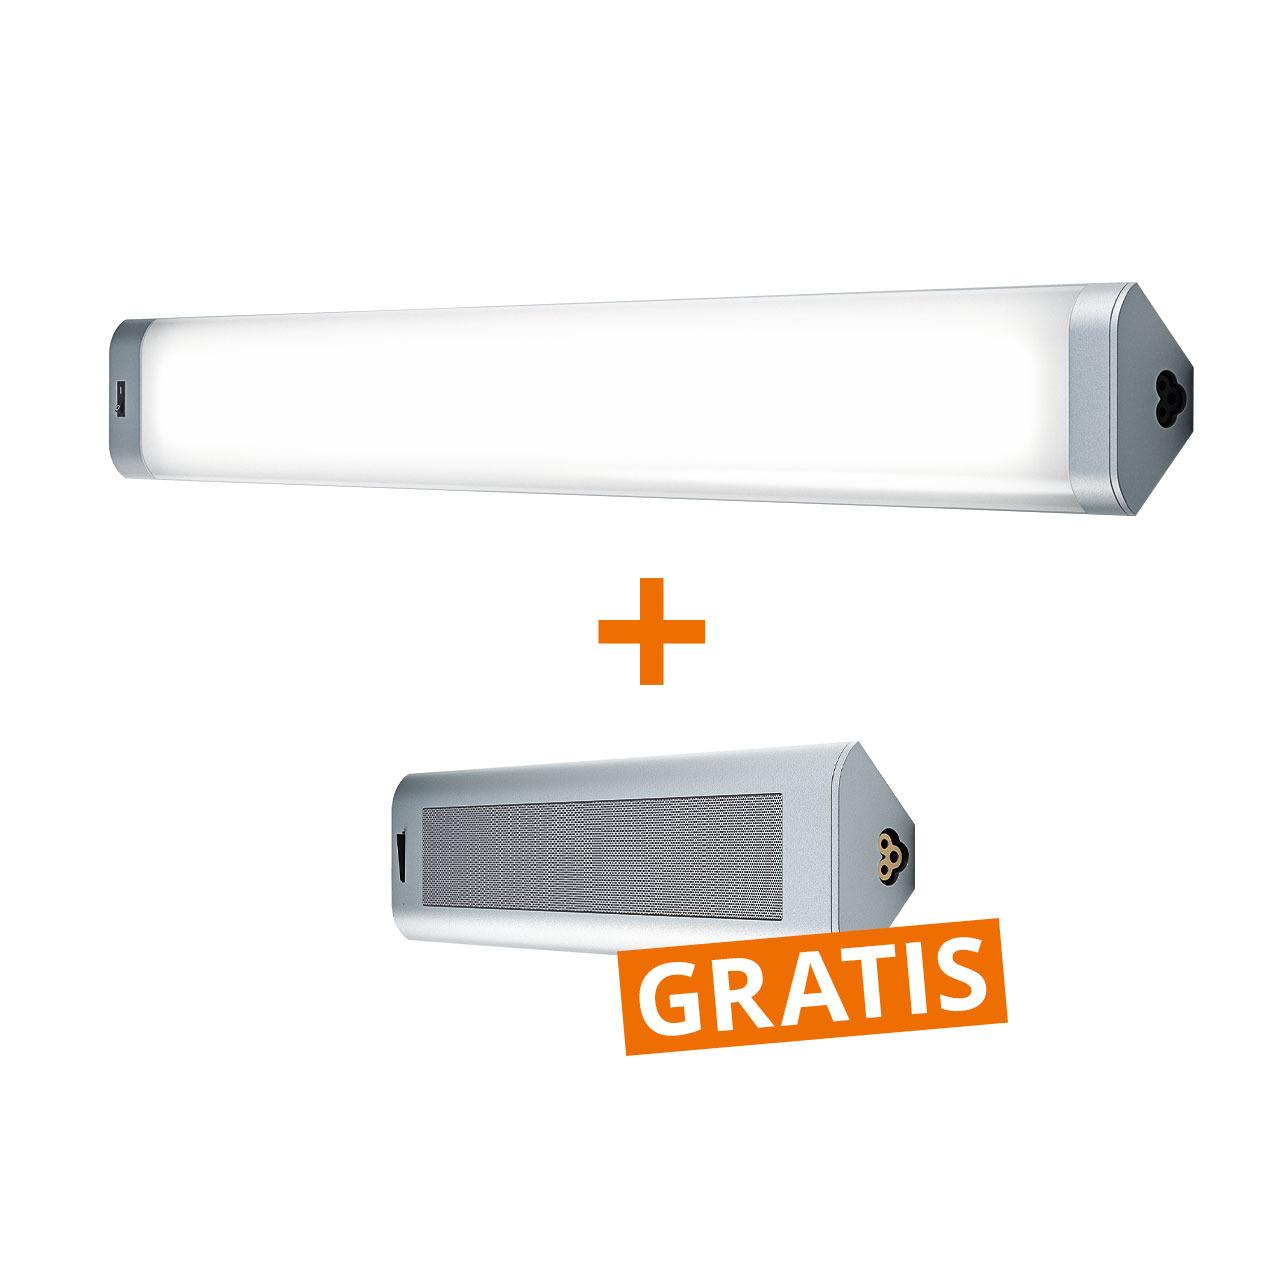 OSRAM 18-W-LED-Unterbauleuchte- 80 cm- warmweiund-223